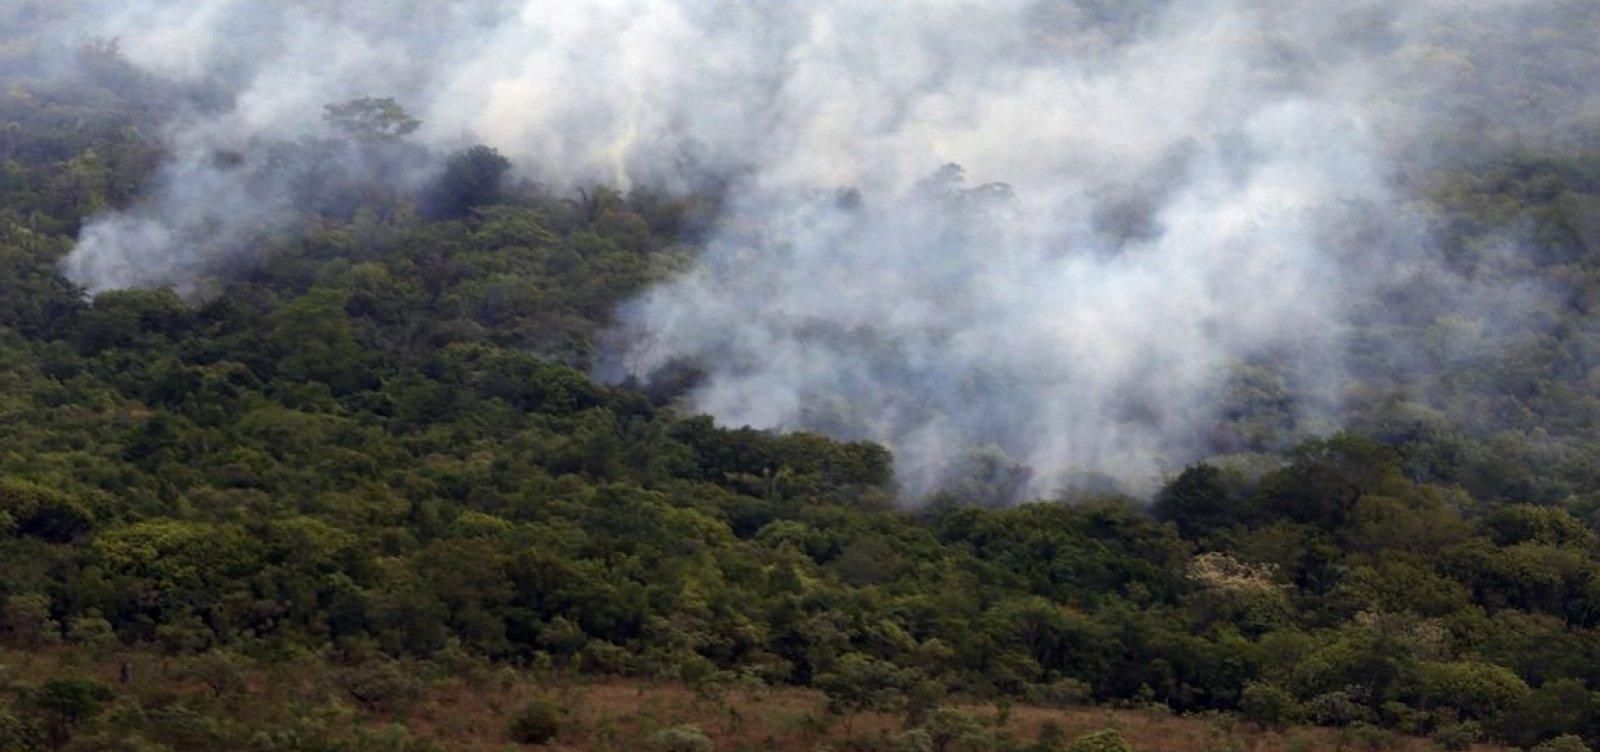 [Queimadas aumentam 86% no Brasil em 2019]